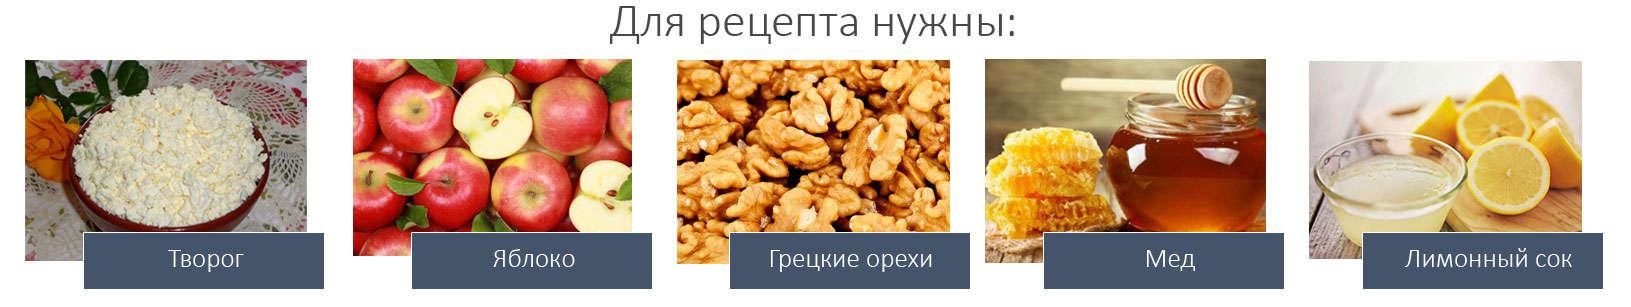 Грецкие орехи и другие ингредиенты